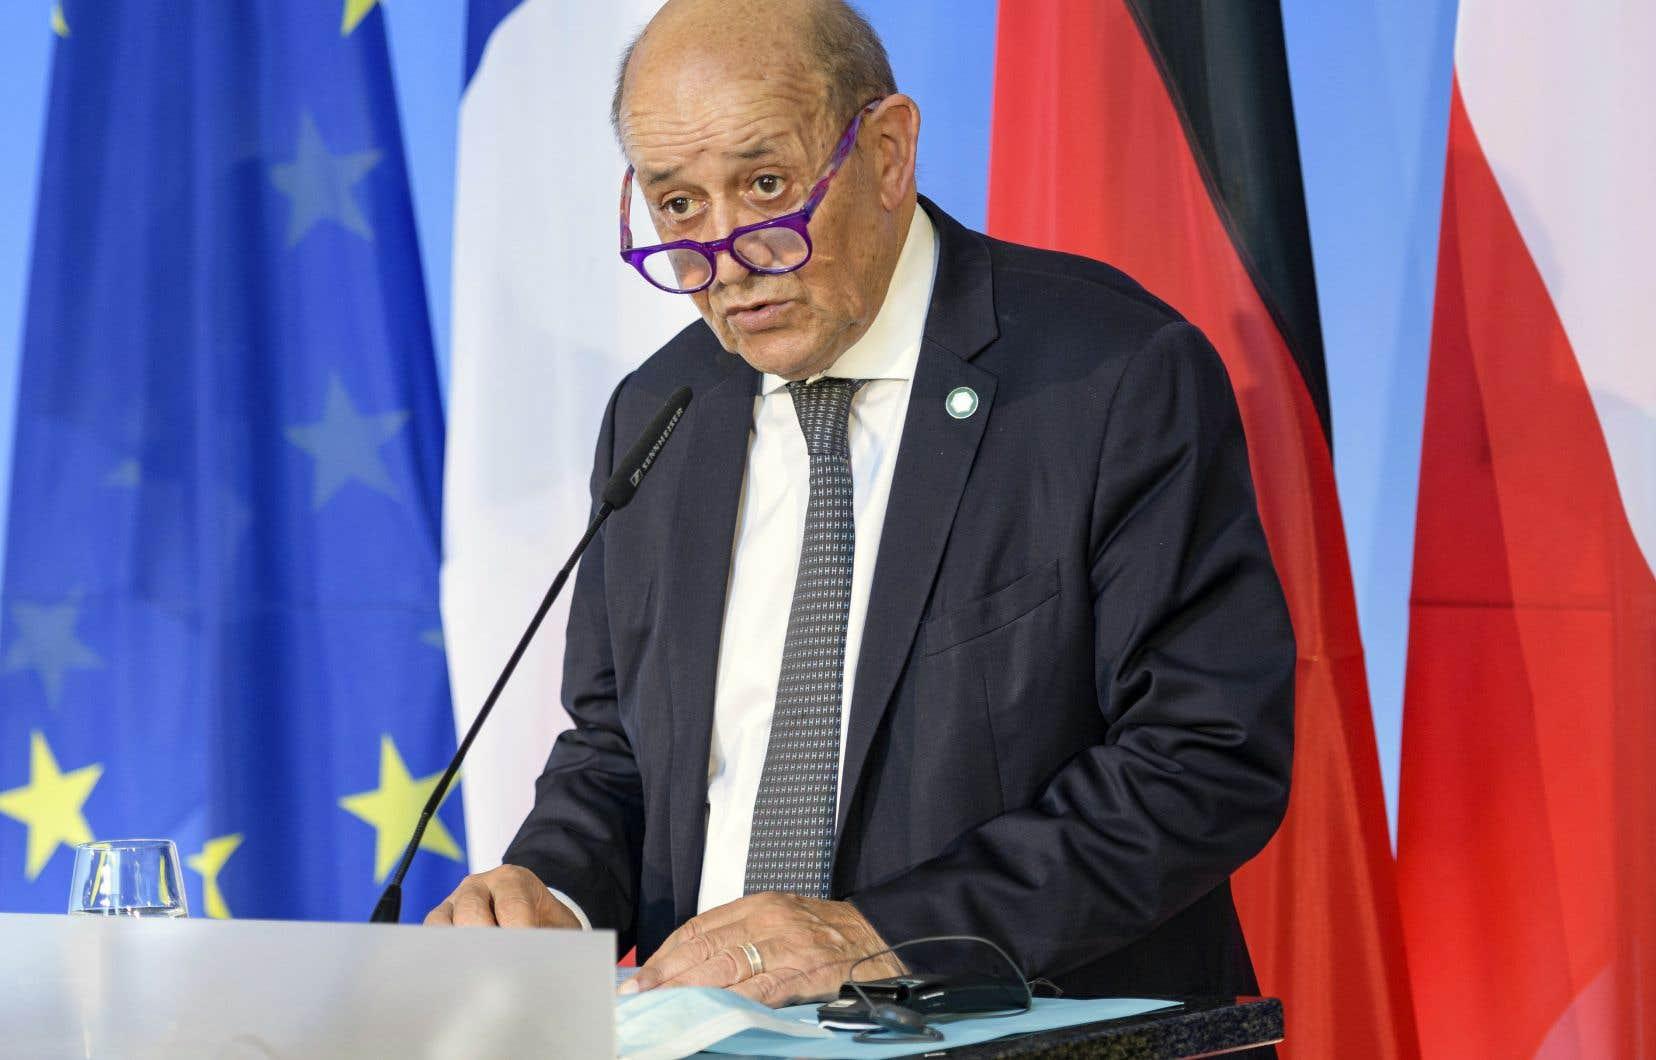 Si le président français, Emmanuel Macron, est resté silencieux depuis le début de la crise des sous-marins, son ministre des Affaires étrangères, Jean-Yves Le Drian (sur la photo), a tiré à boulets rouges sur les trois contrevenants en des termes très peu diplomatiques.